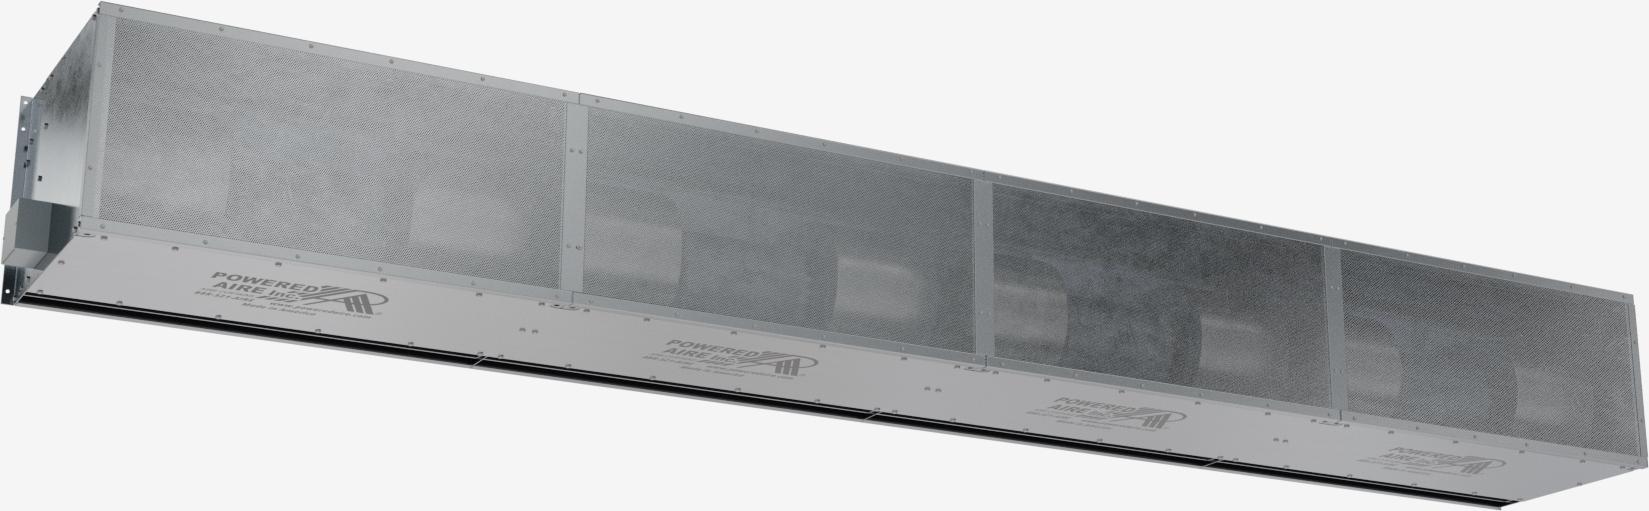 TFD-4-144 Air Curtain